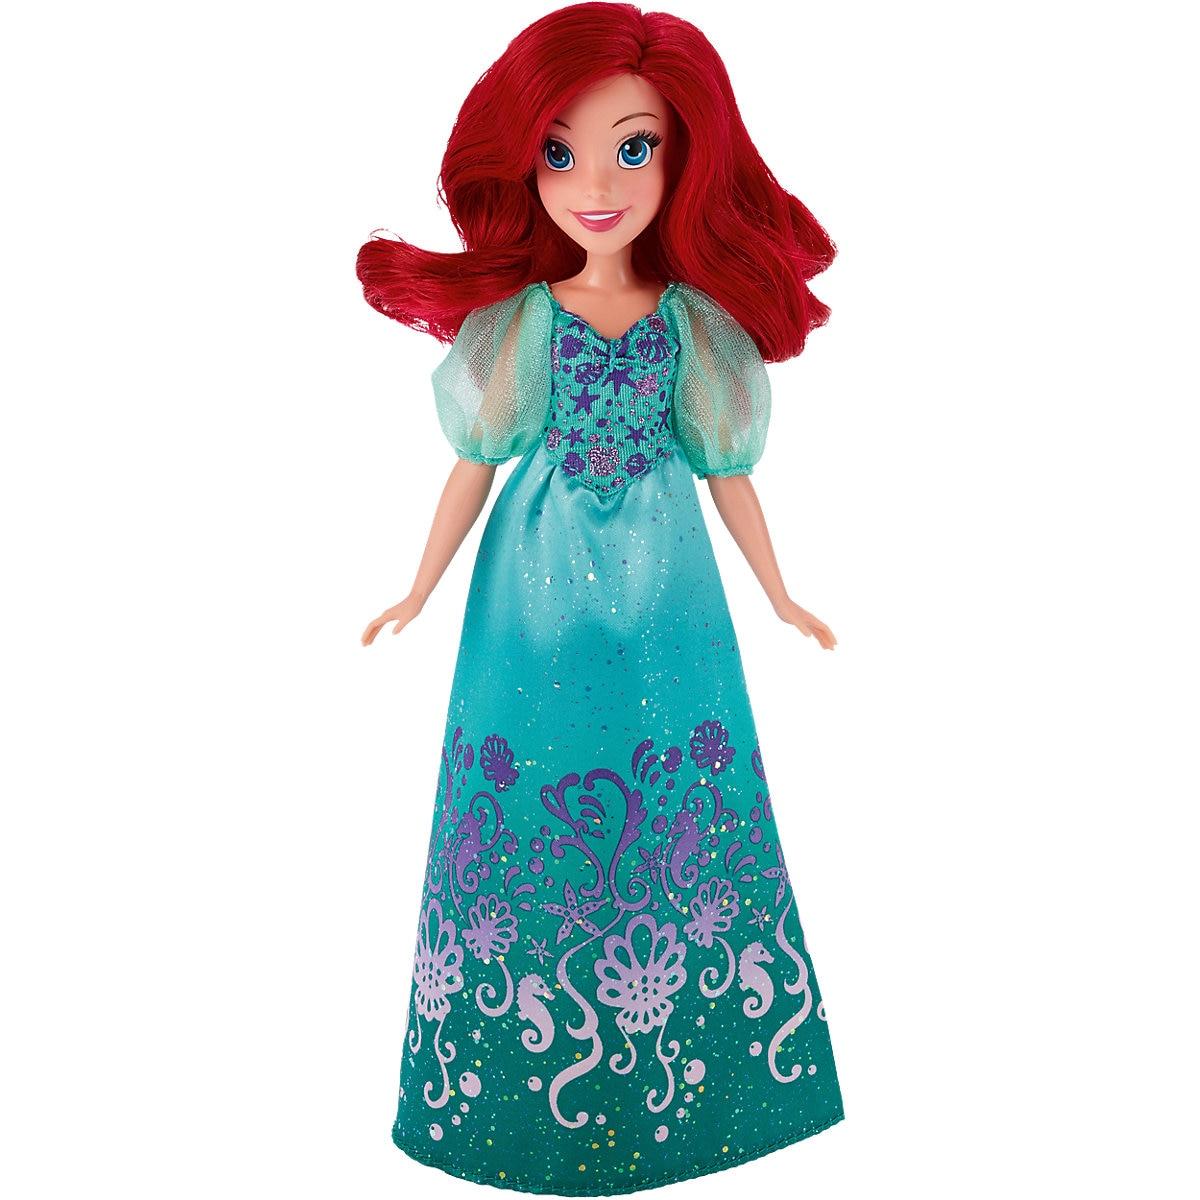 Bambole HASBRO 4443703 Ragazze giocattoli per i bambini della ragazza di modo del giocattolo bambola gioco accessori di gioco i bambini fidanzata MTpromo